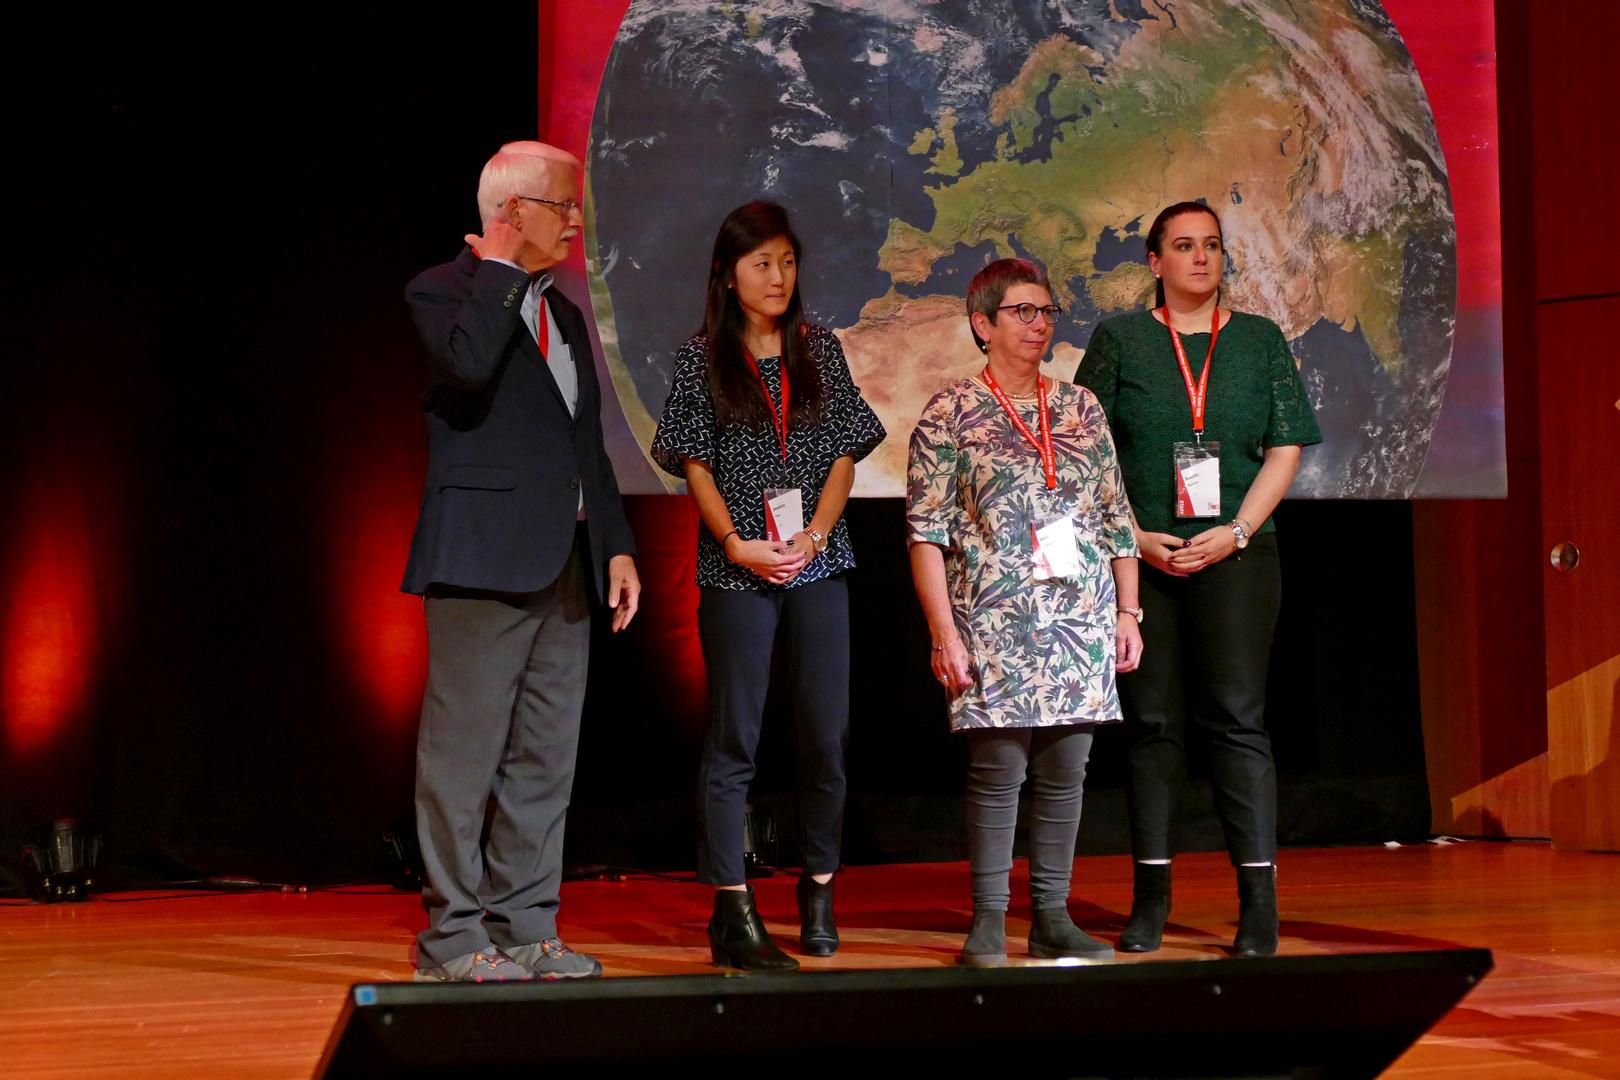 25. IAVE Welt-Freiwilligenkonferenz 2018 in Augsburg - Deutschland - 20.10.2018 Kongress am Park Up - up and awyyy - Foto: Christoph Urban - Freiwilligen-Zentrum Augsburg